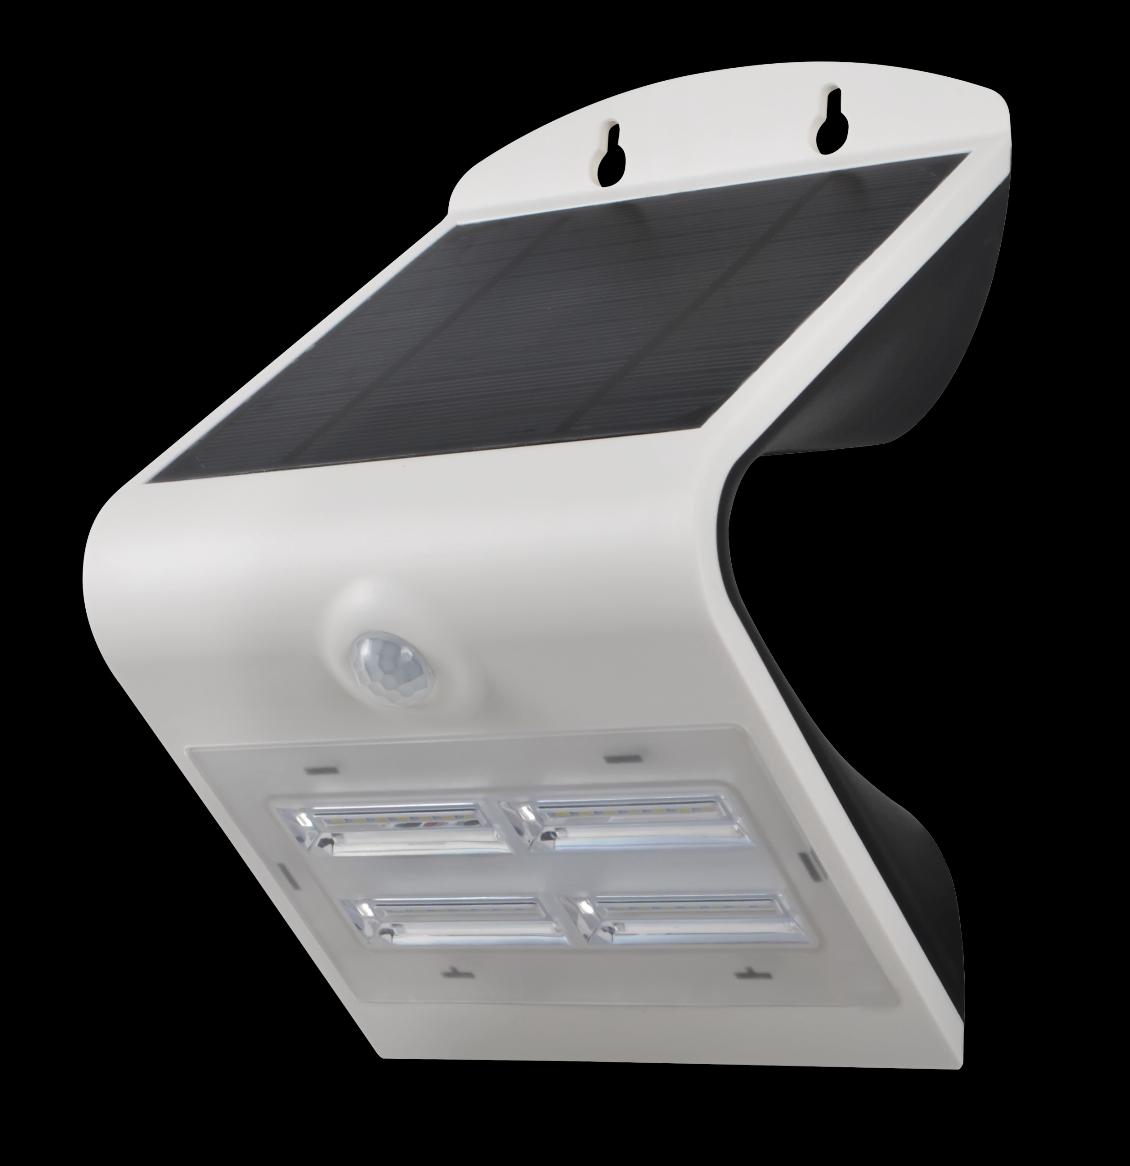 Immax venkovní solární LED osvětlení s čidlem, 3,2W, 4000-4500K, IP65, bílé (08426L)